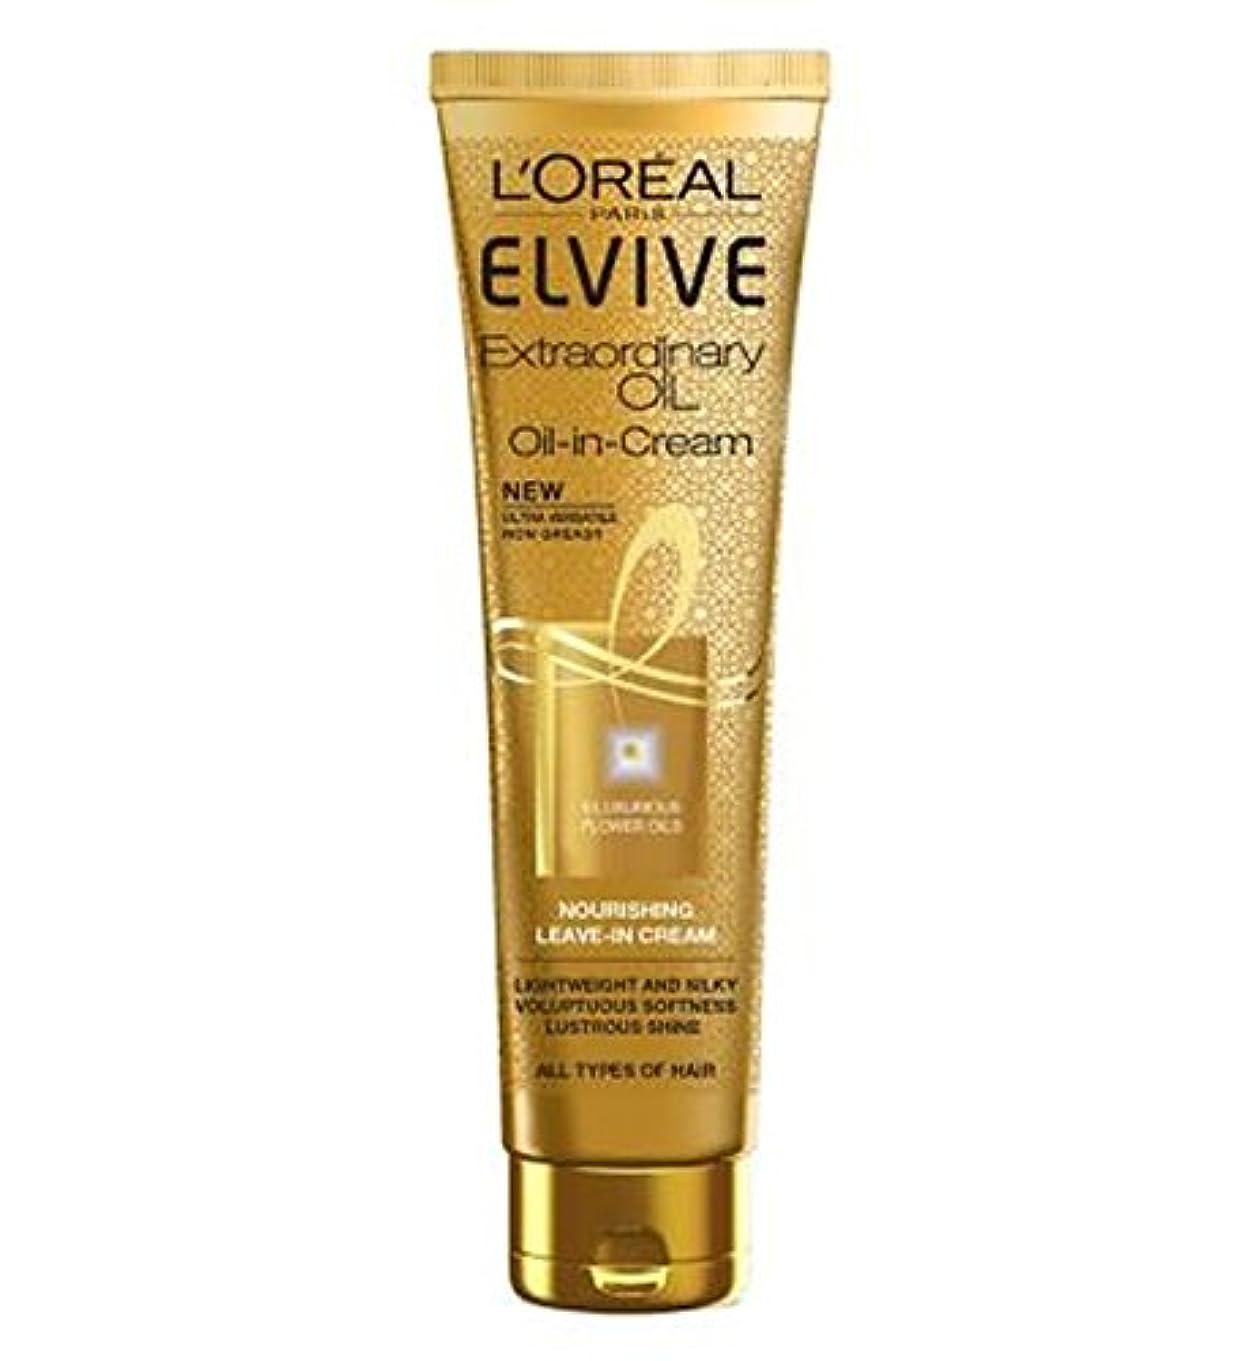 聴覚障害者ファブリック光沢すべての髪のタイプのクリームでロレアルパリElvive臨時オイル (L'Oreal) (x2) - L'Oreal Paris Elvive Extraordinary Oil in Cream All Hair Types...